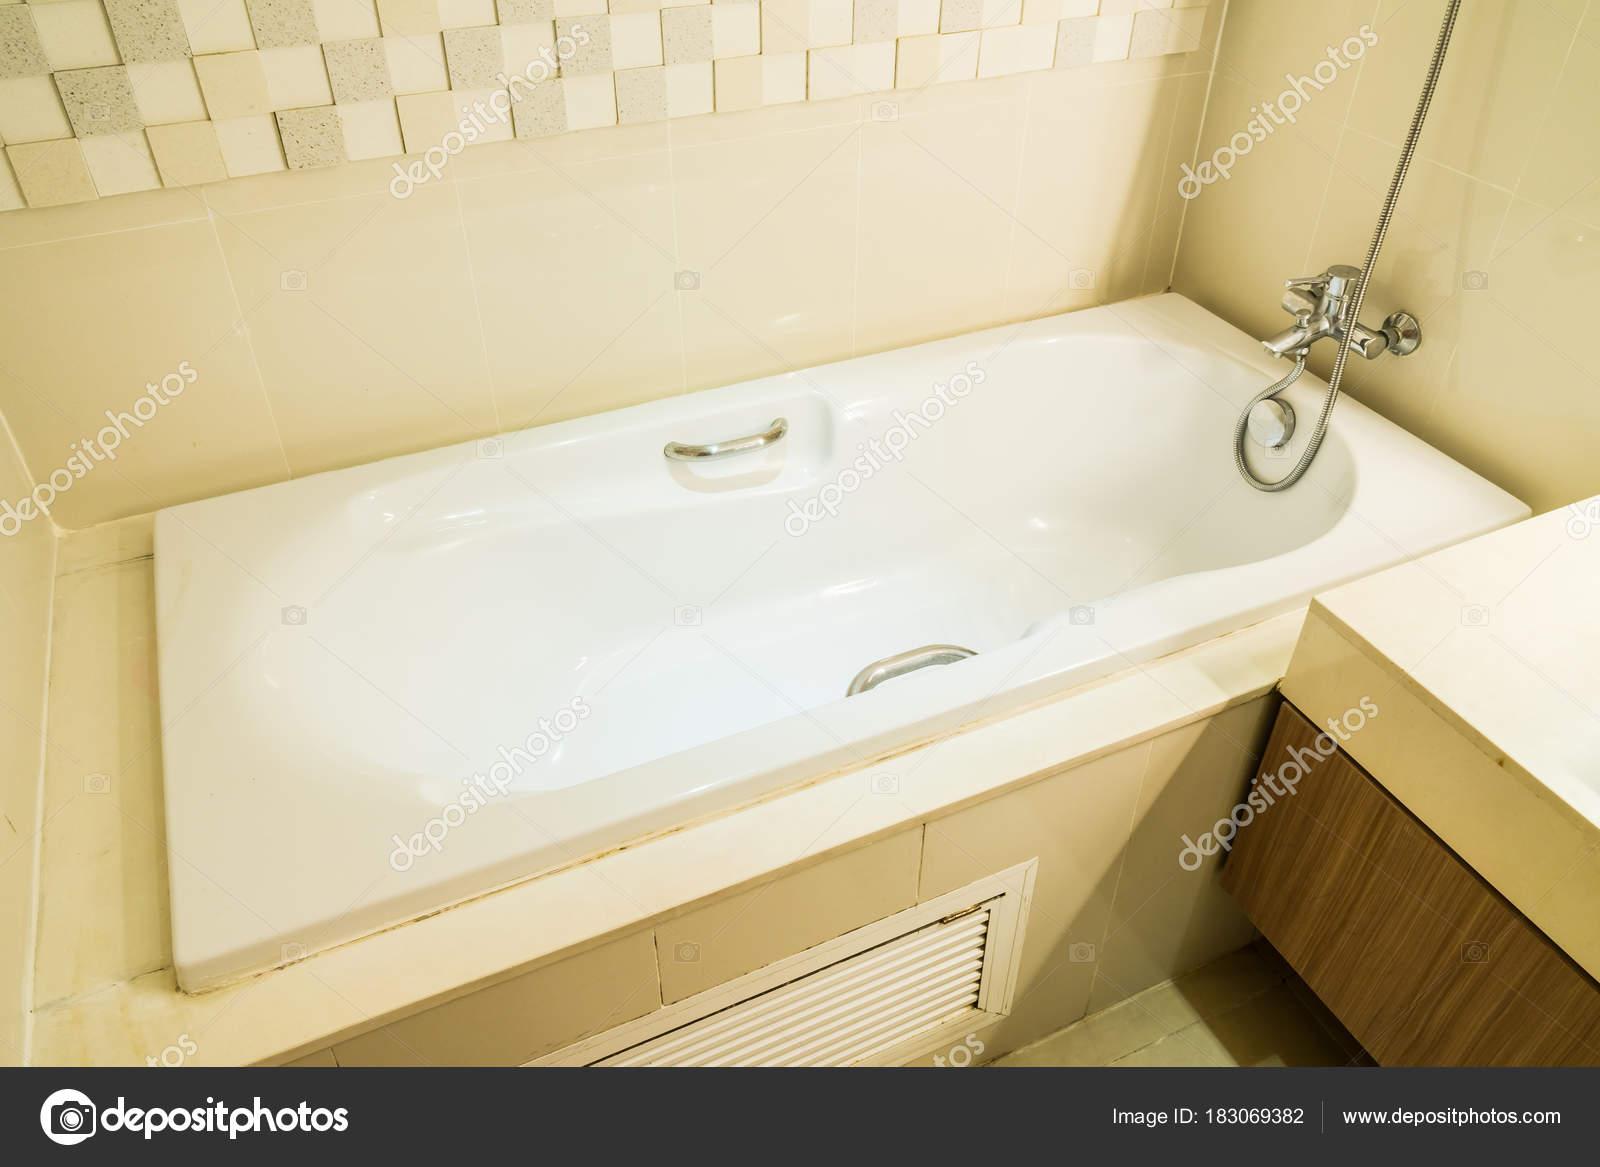 Vasca Da Bagno Con Lavabo : Decorazione con lavabo rubinetto vasca bagno bianca interni bagno